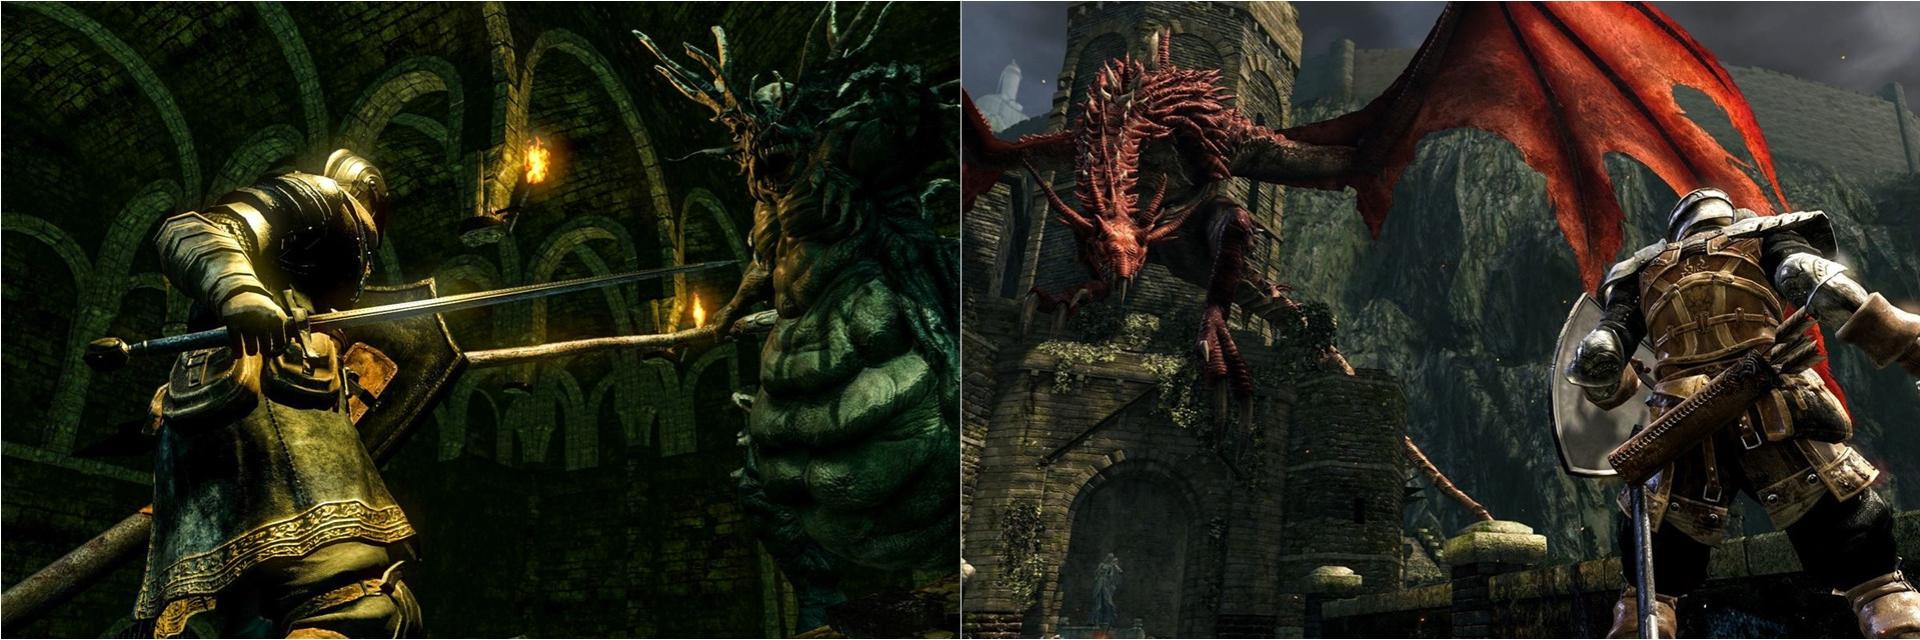 【講 GAME 話】玩家夢魘回歸!《黑暗靈魂 Remastered》高畫質重現 考驗 EQ 與耐心極限!